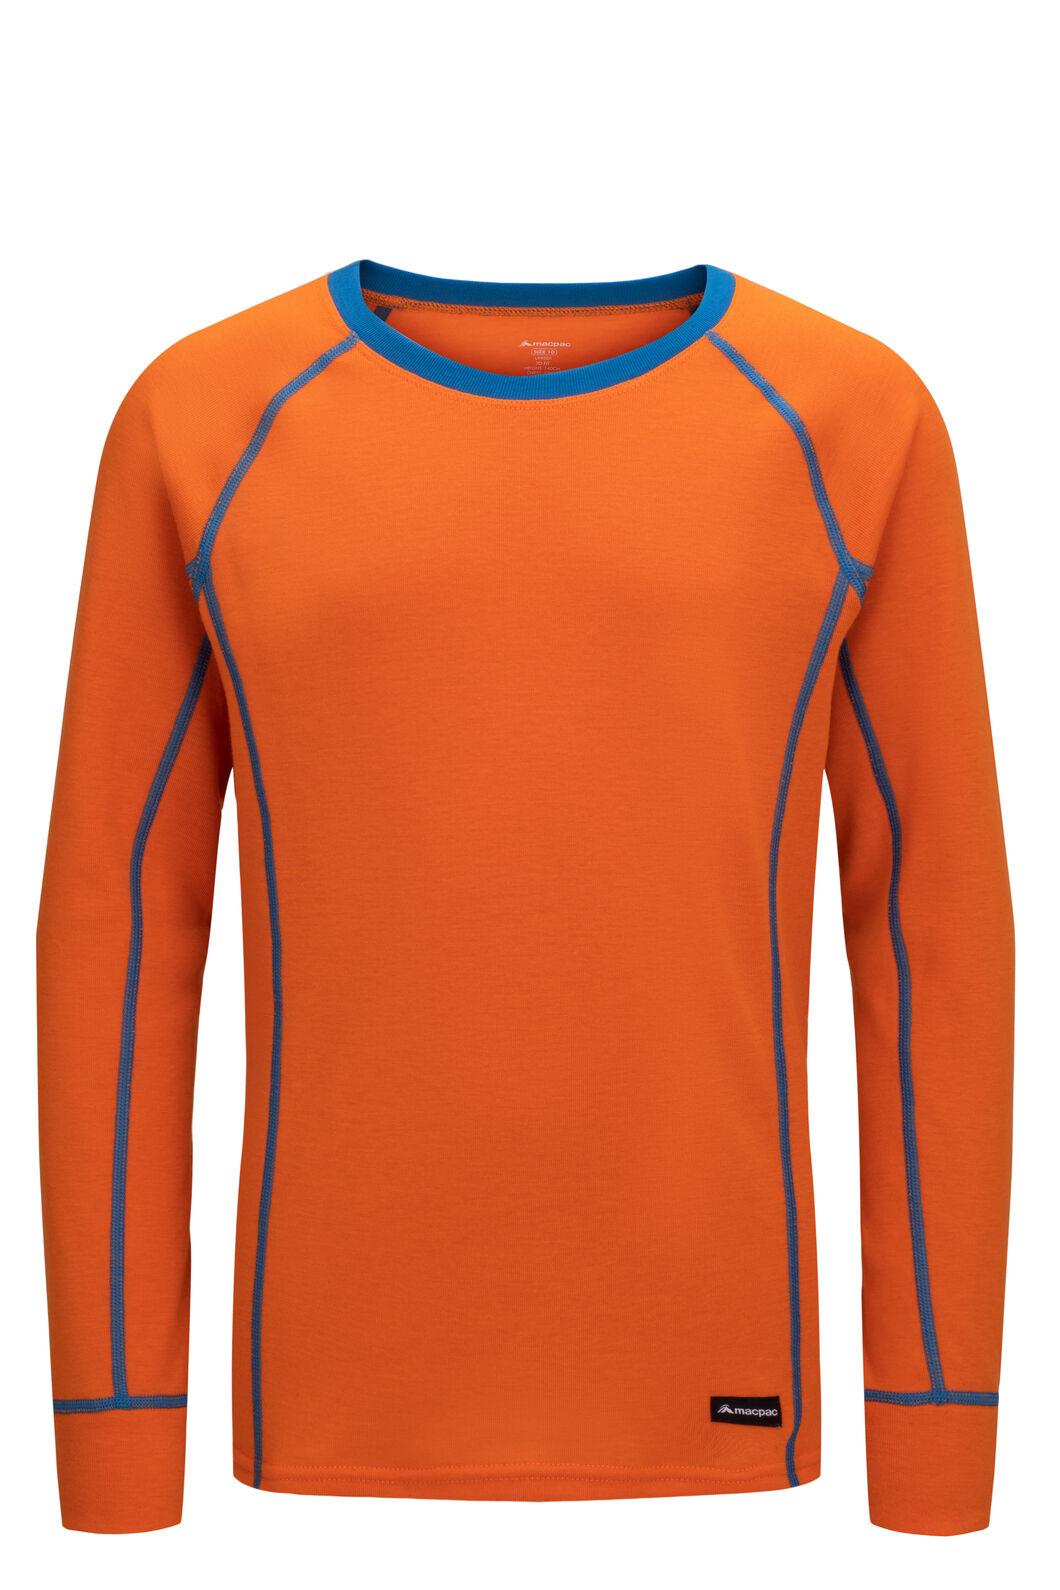 Macpac Geothermal Long Sleeve Top — Kids', Russet Orange, hi-res